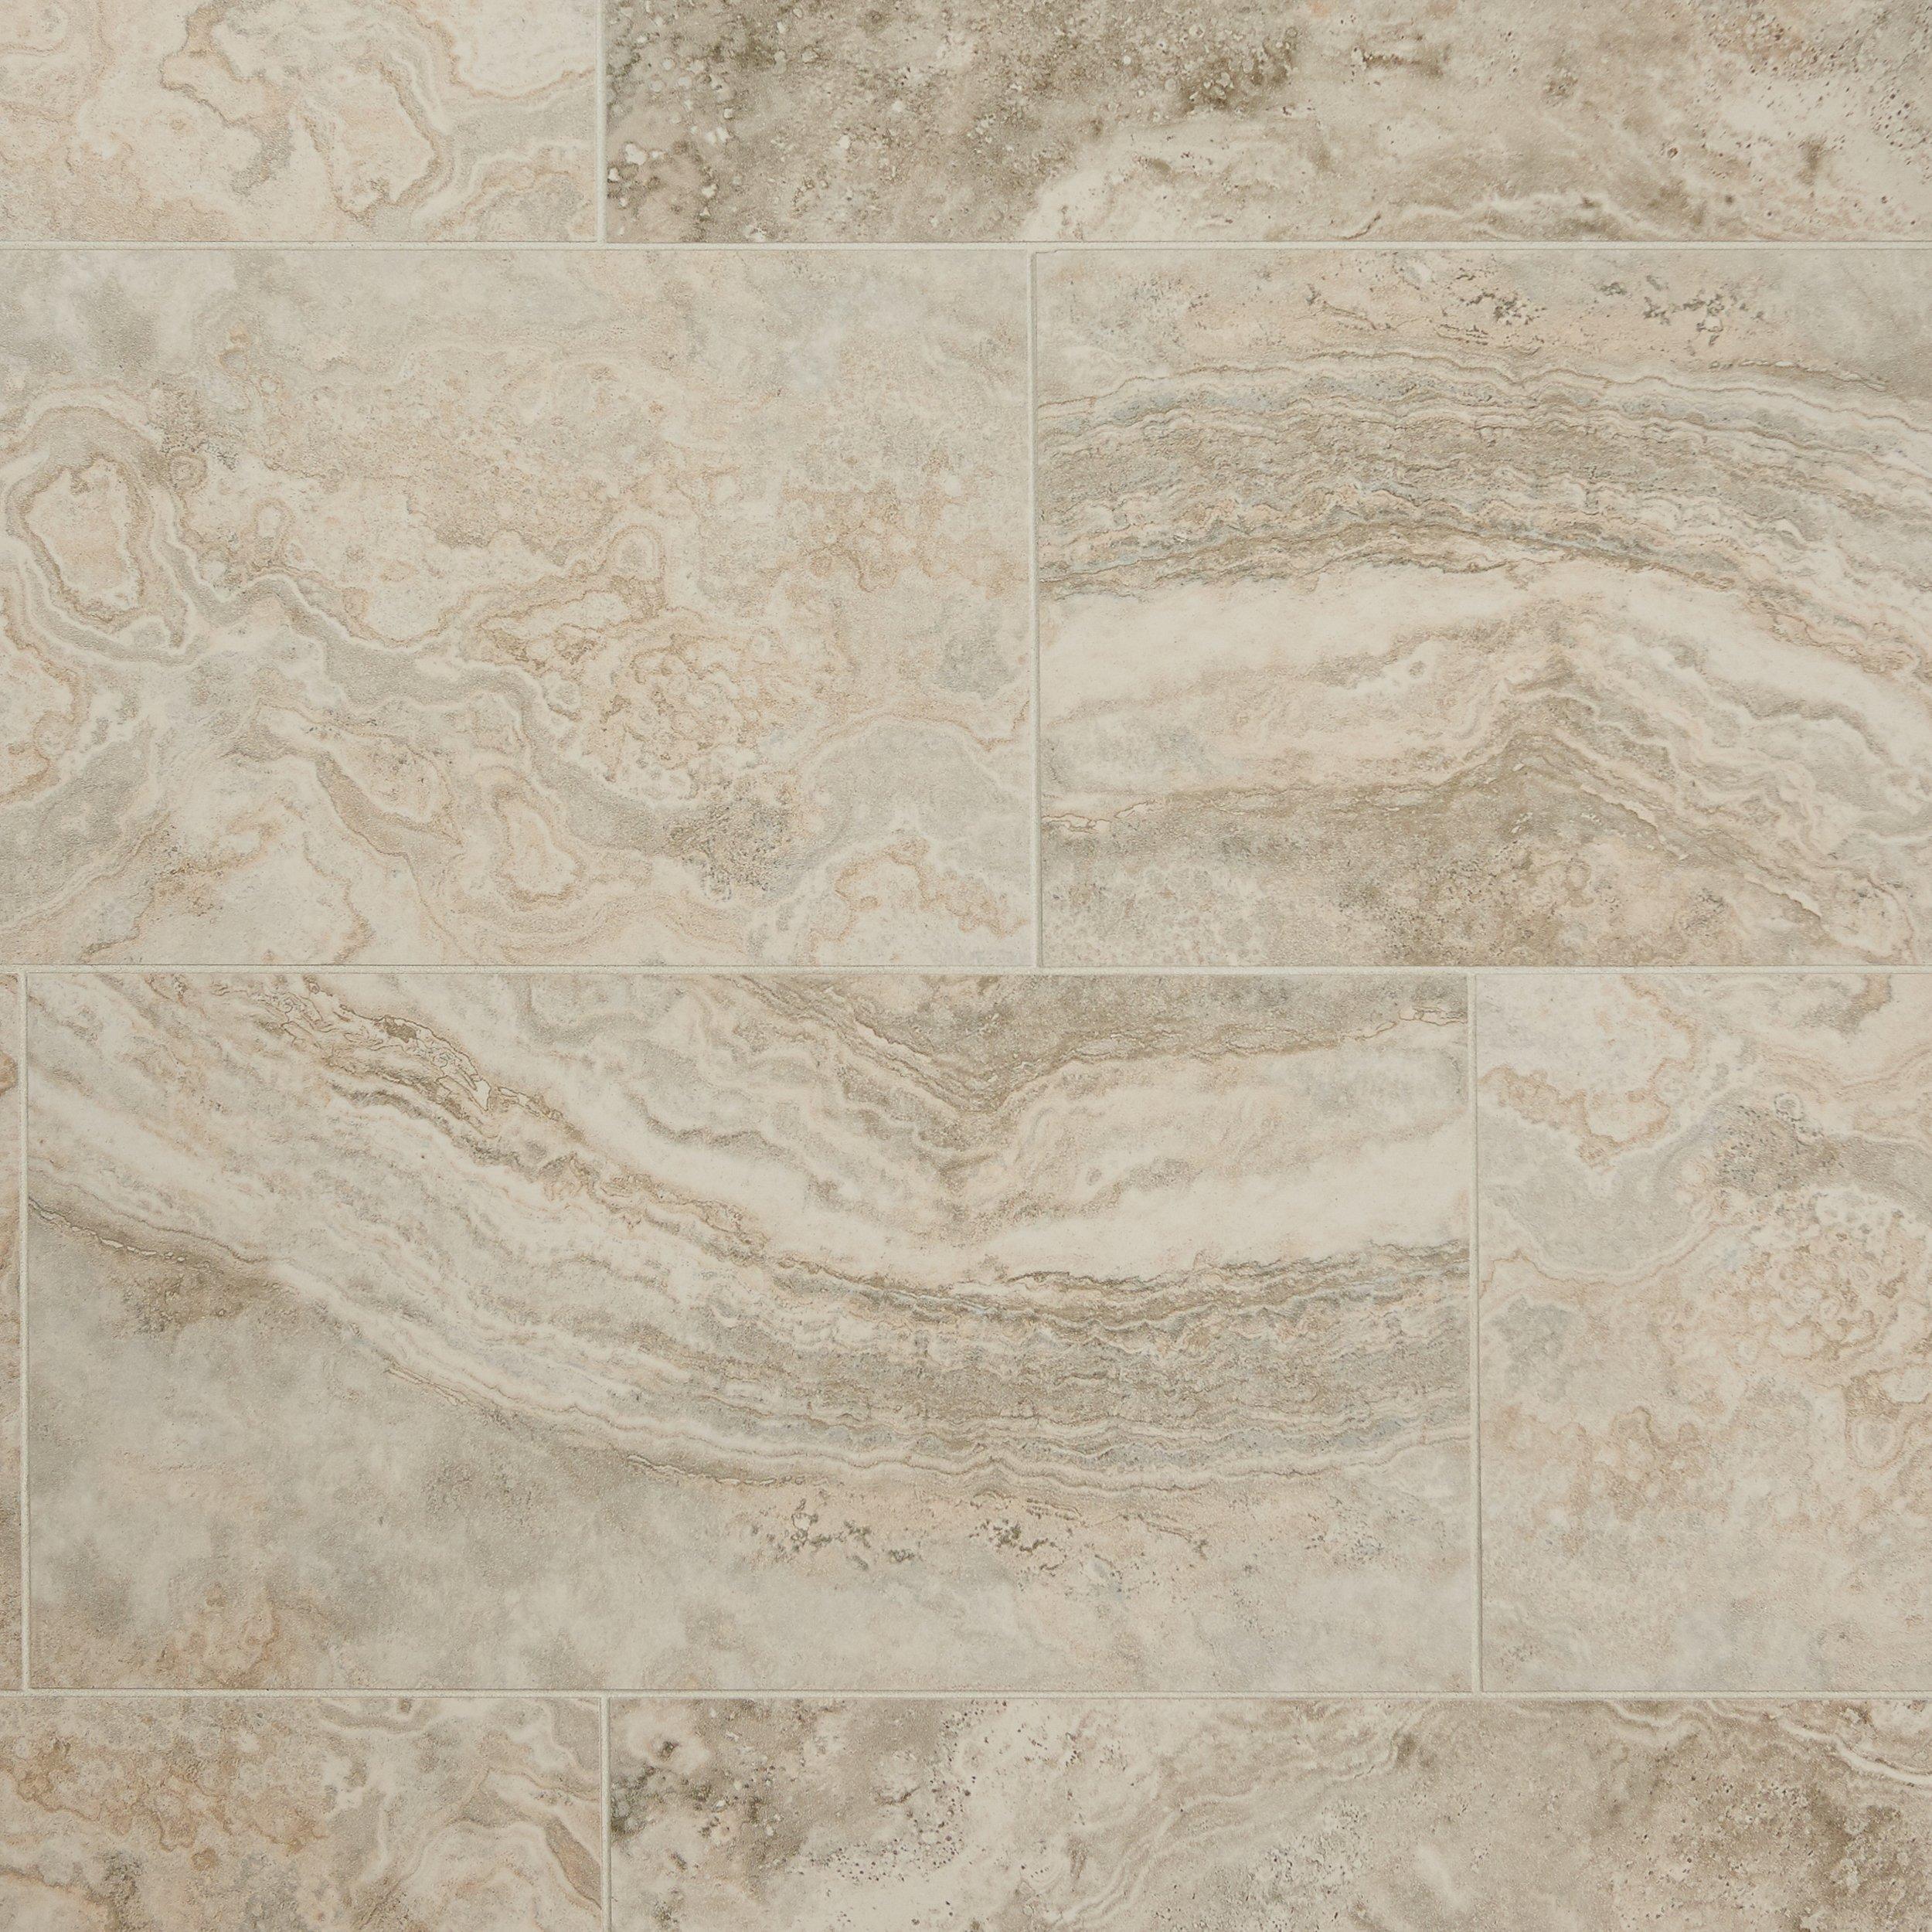 Seville Gray Porcelain Tile - 12 x 24 - 912400888 | Floor and Decor